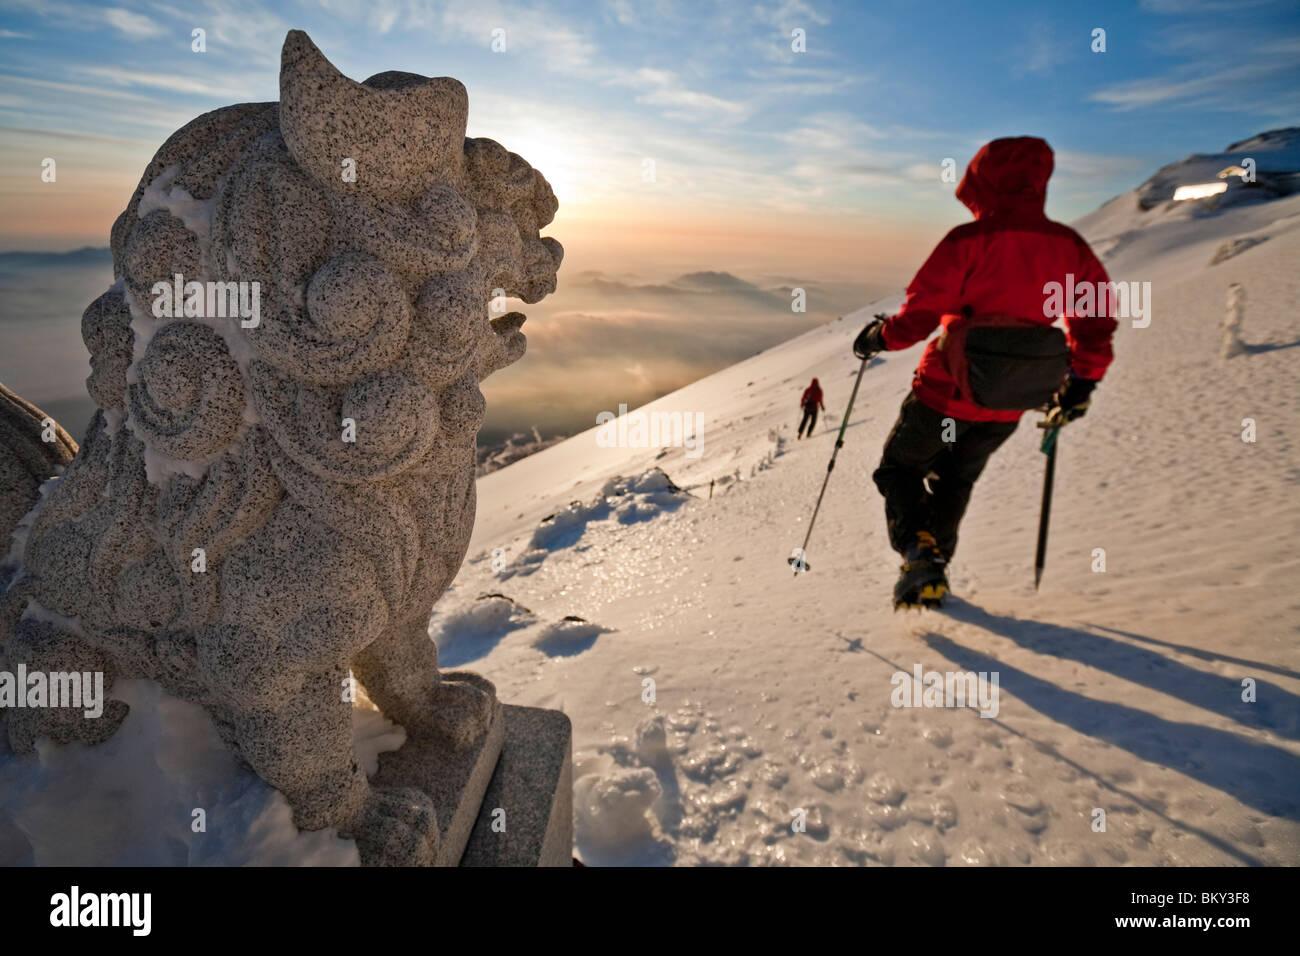 Dos alpinistas están comenzando un descenso desde la cumbre del Monte Fuji de RIM, Honshu, Japón. Foto de stock